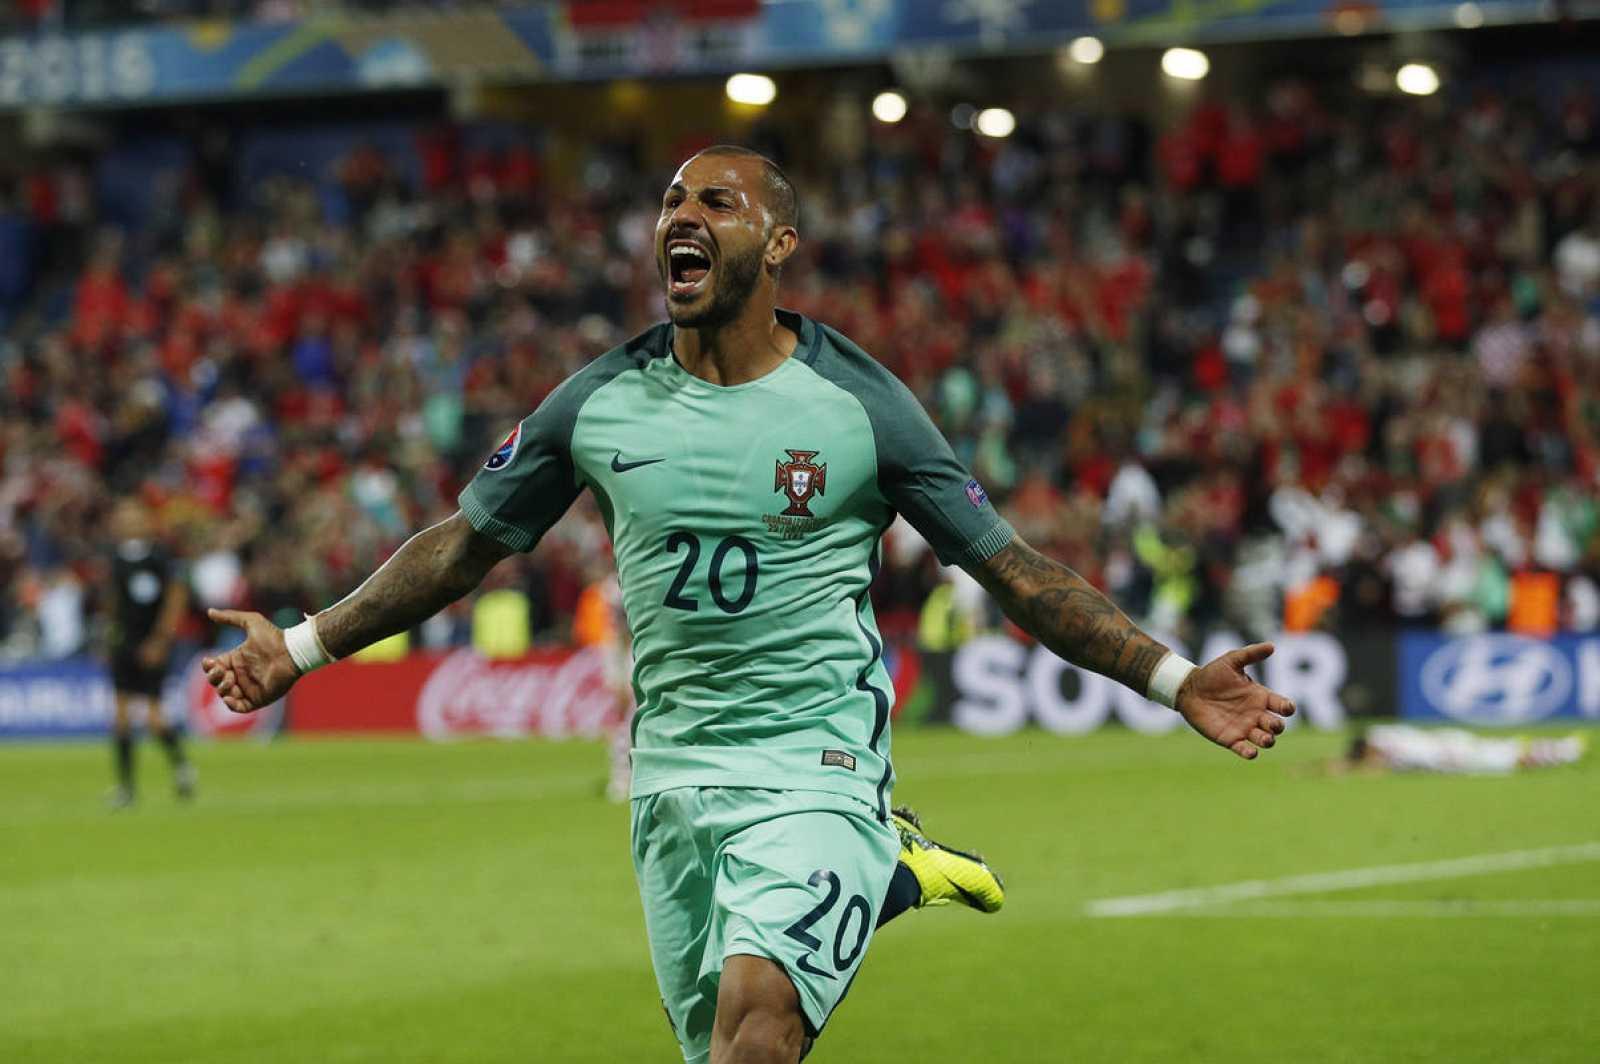 Quaresma celebra el gol que clasifica a Portugal para cuartos de final de la Eurocopa 2016.